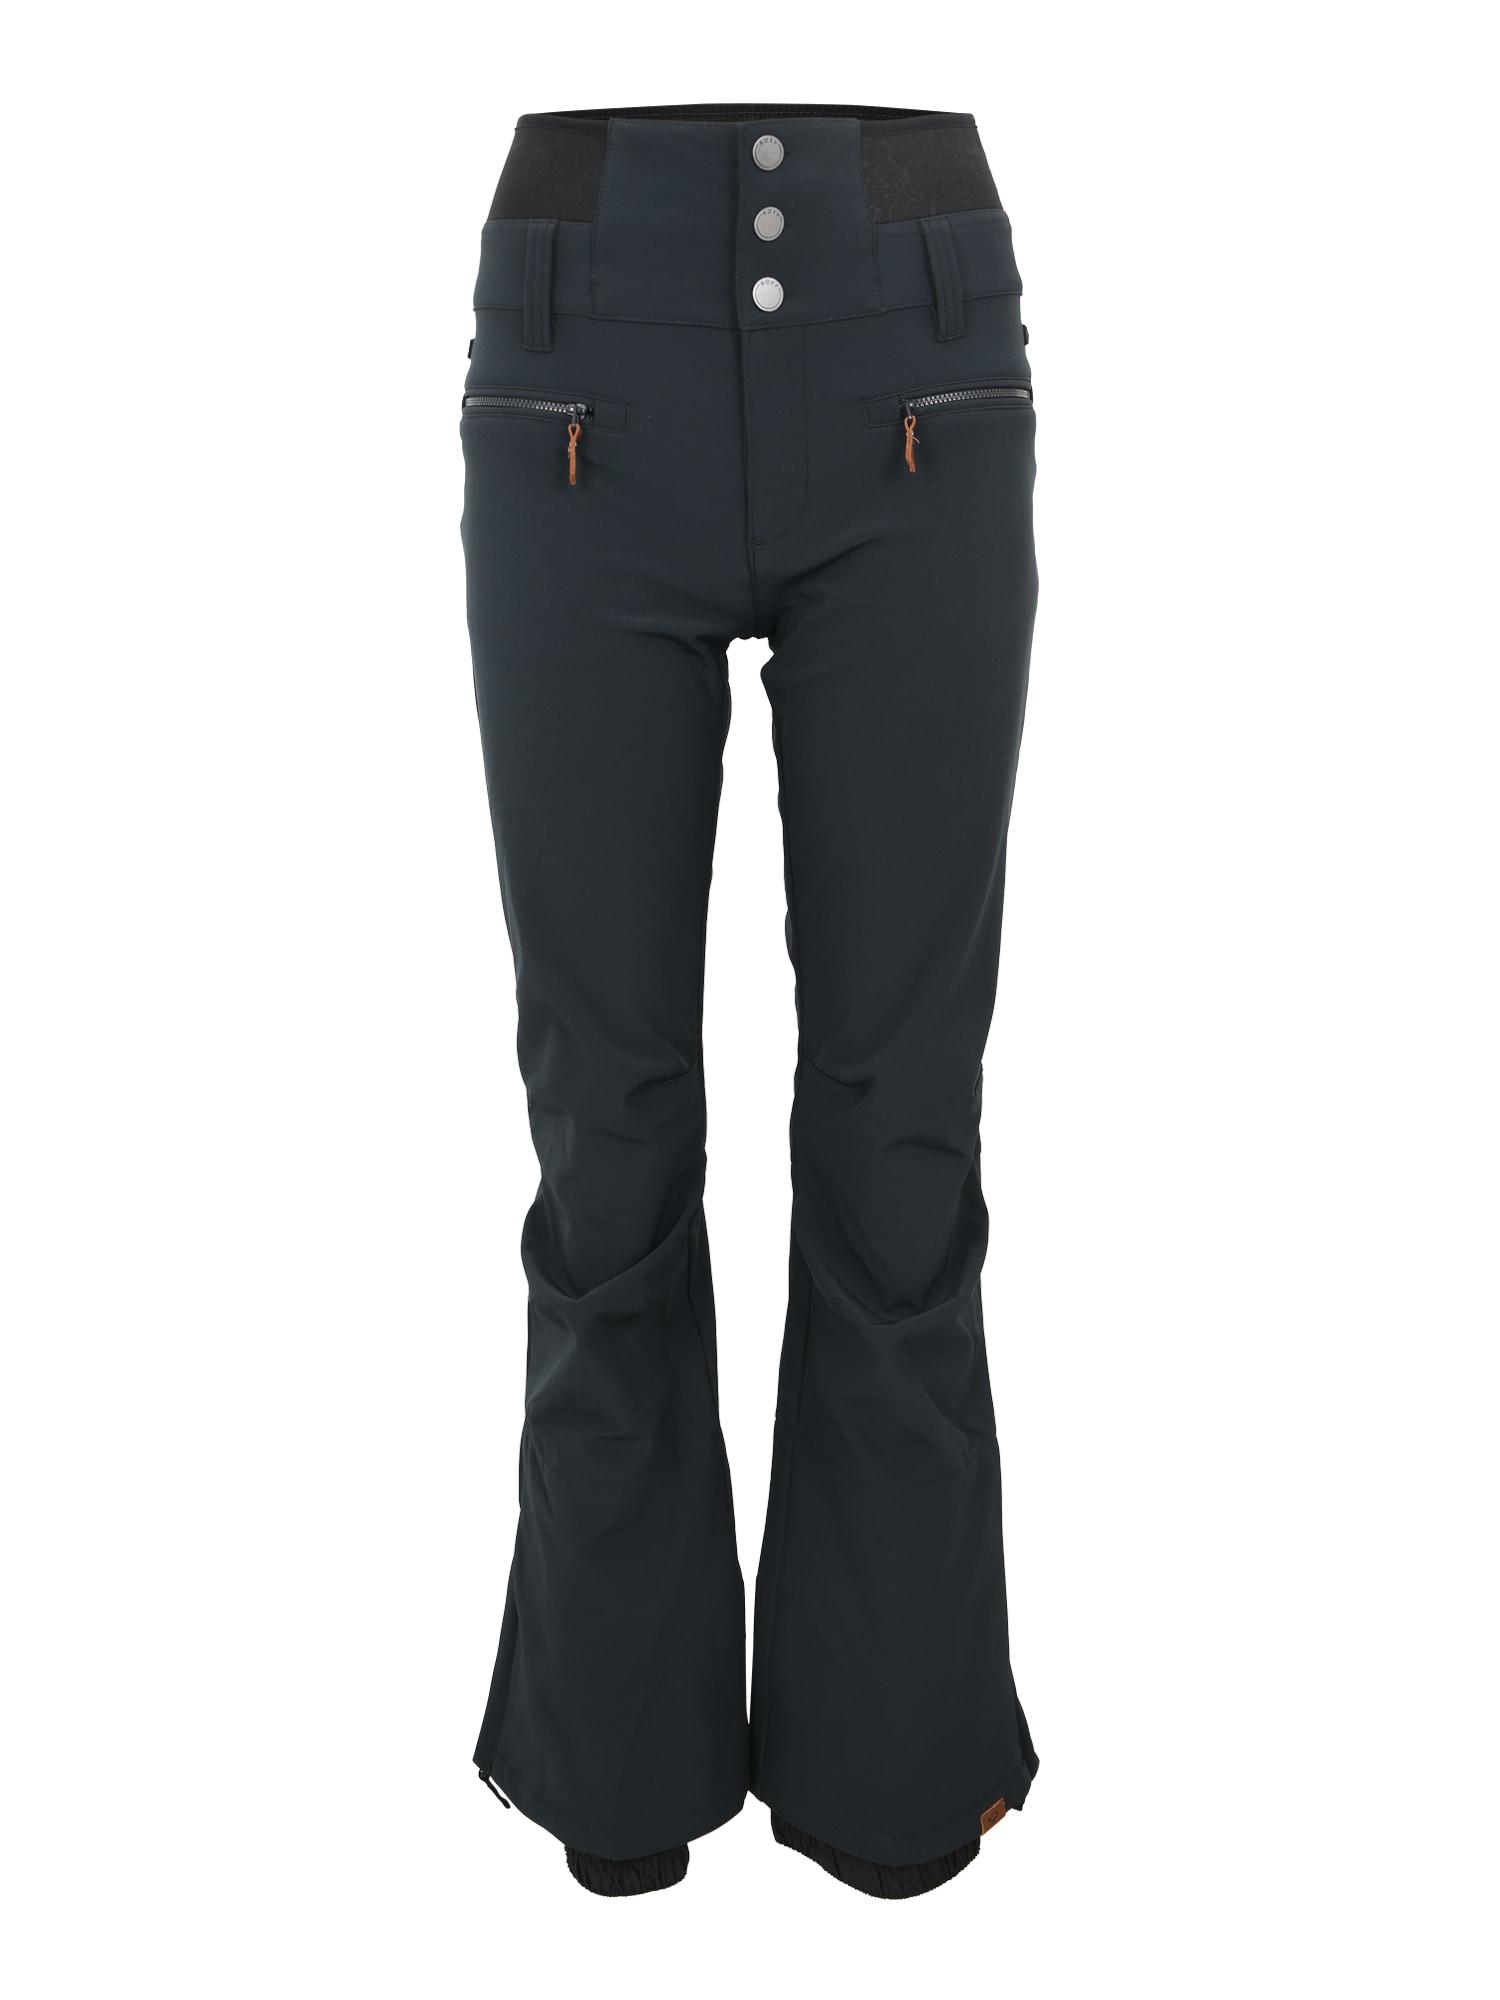 Sportovní kalhoty RISING HIGH černá ROXY